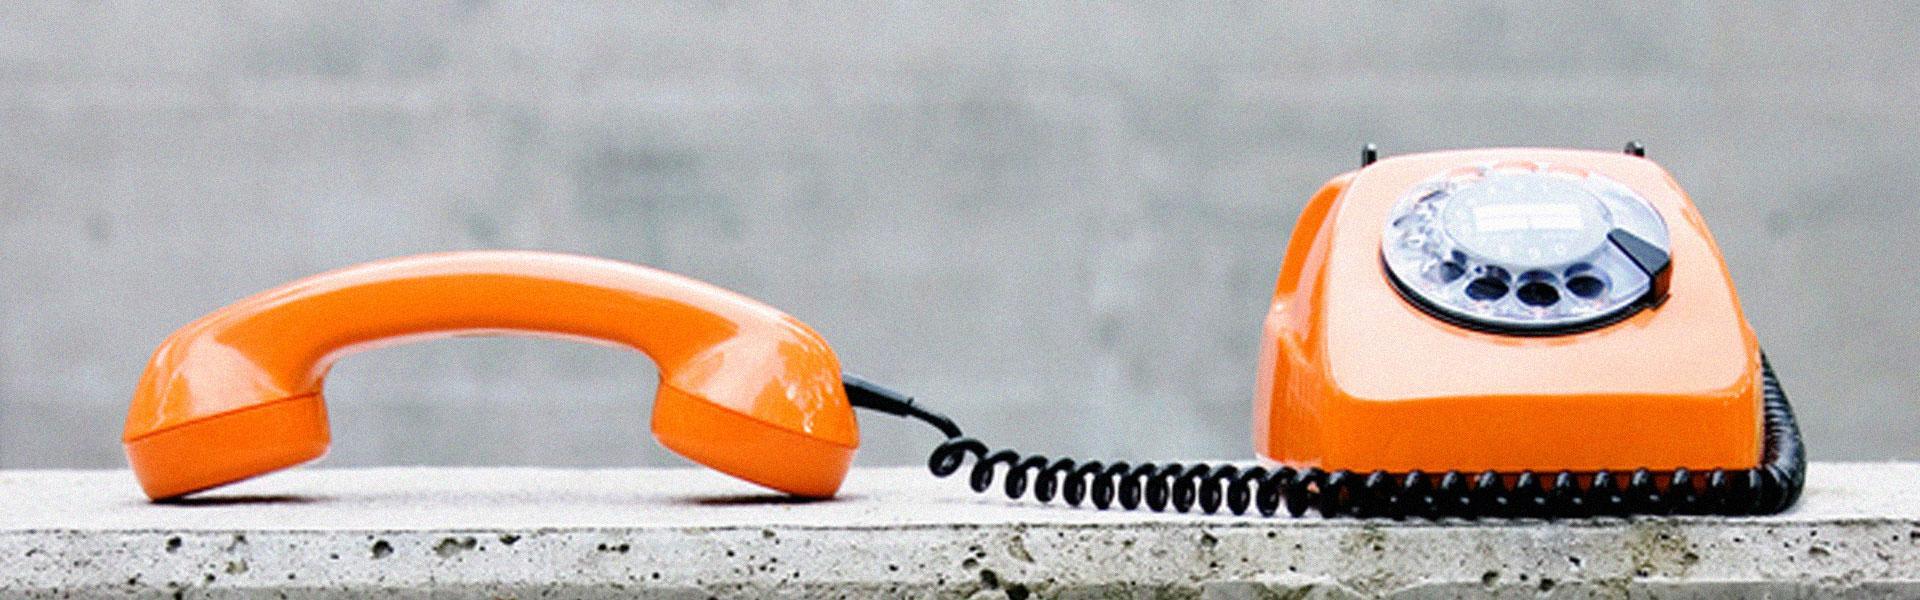 Accesorios de Telefonía de Solohombre